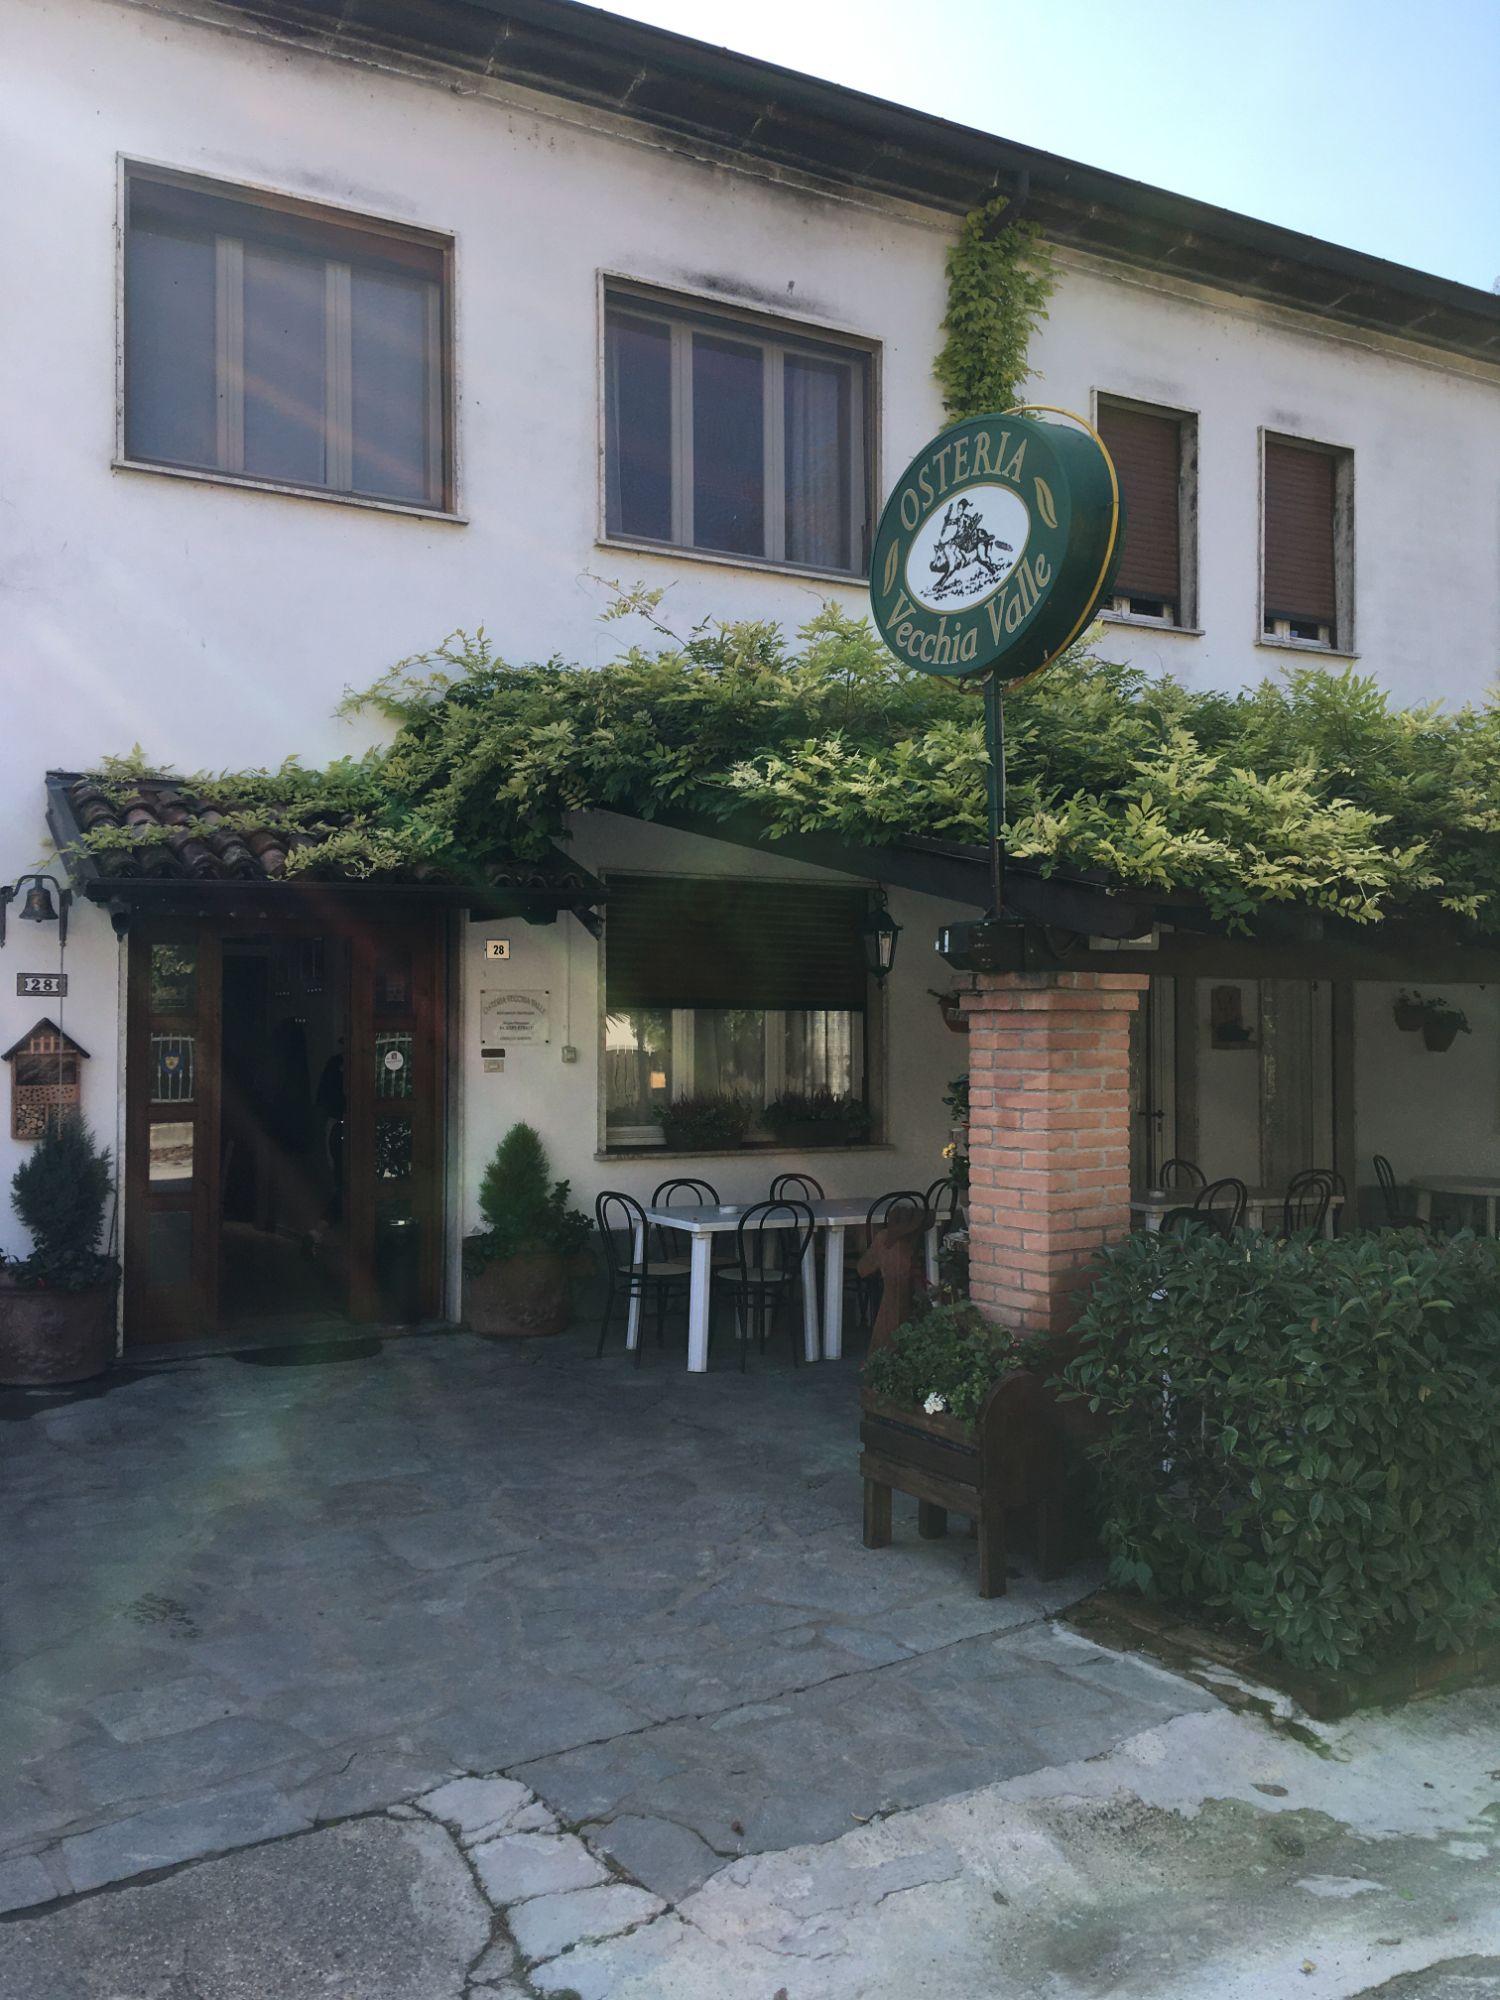 Vecchia Valle in Val Schizzola